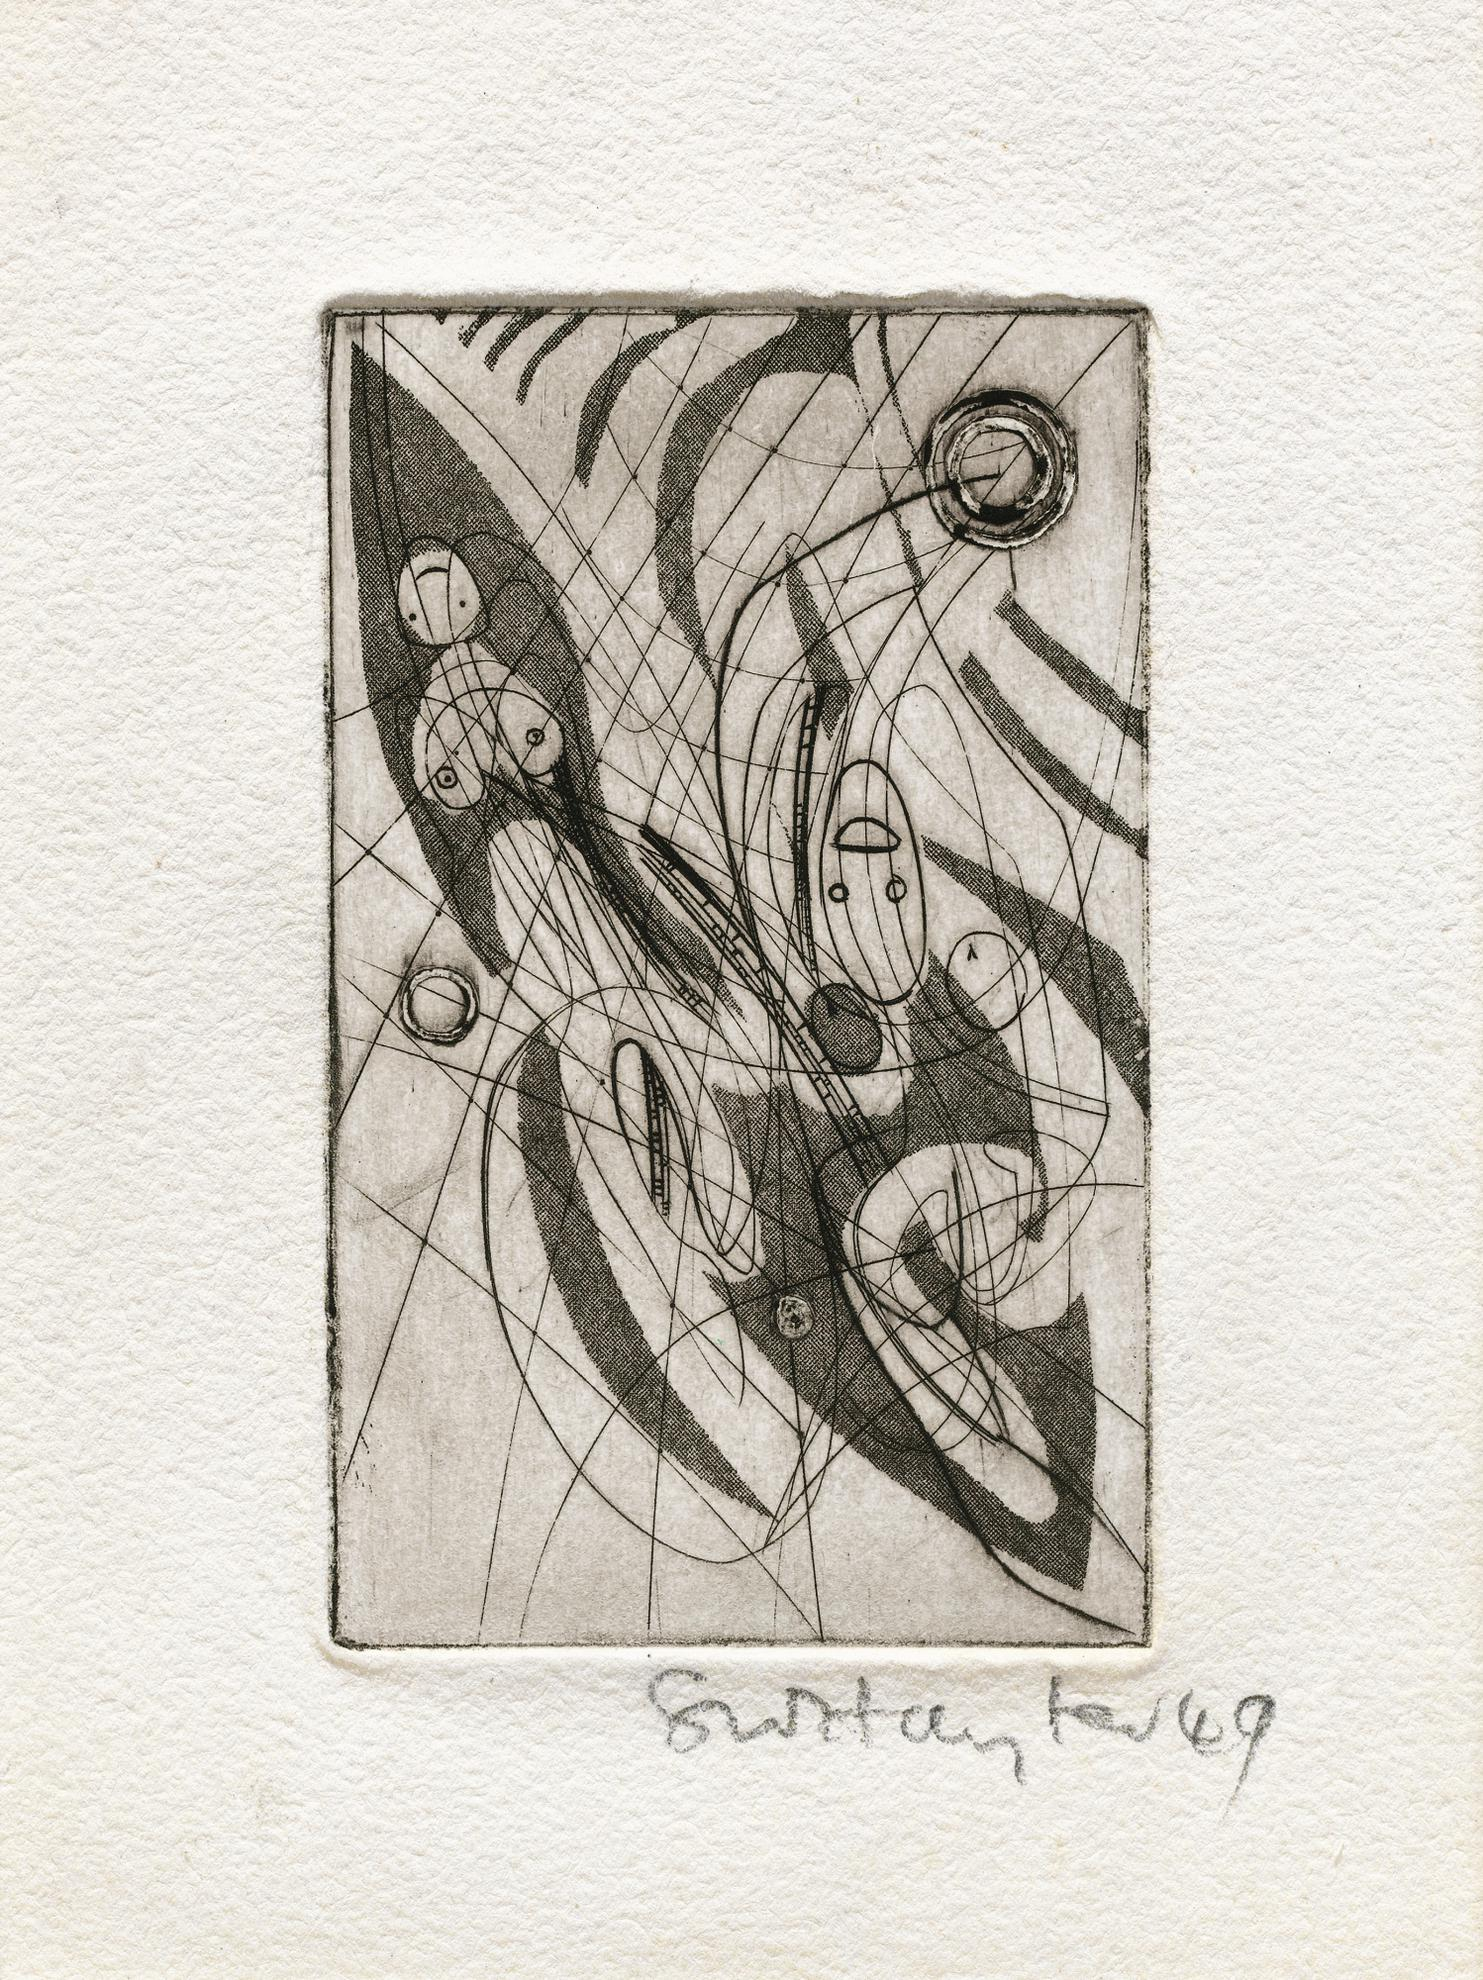 Stanley William Hayter-Untitled-1949